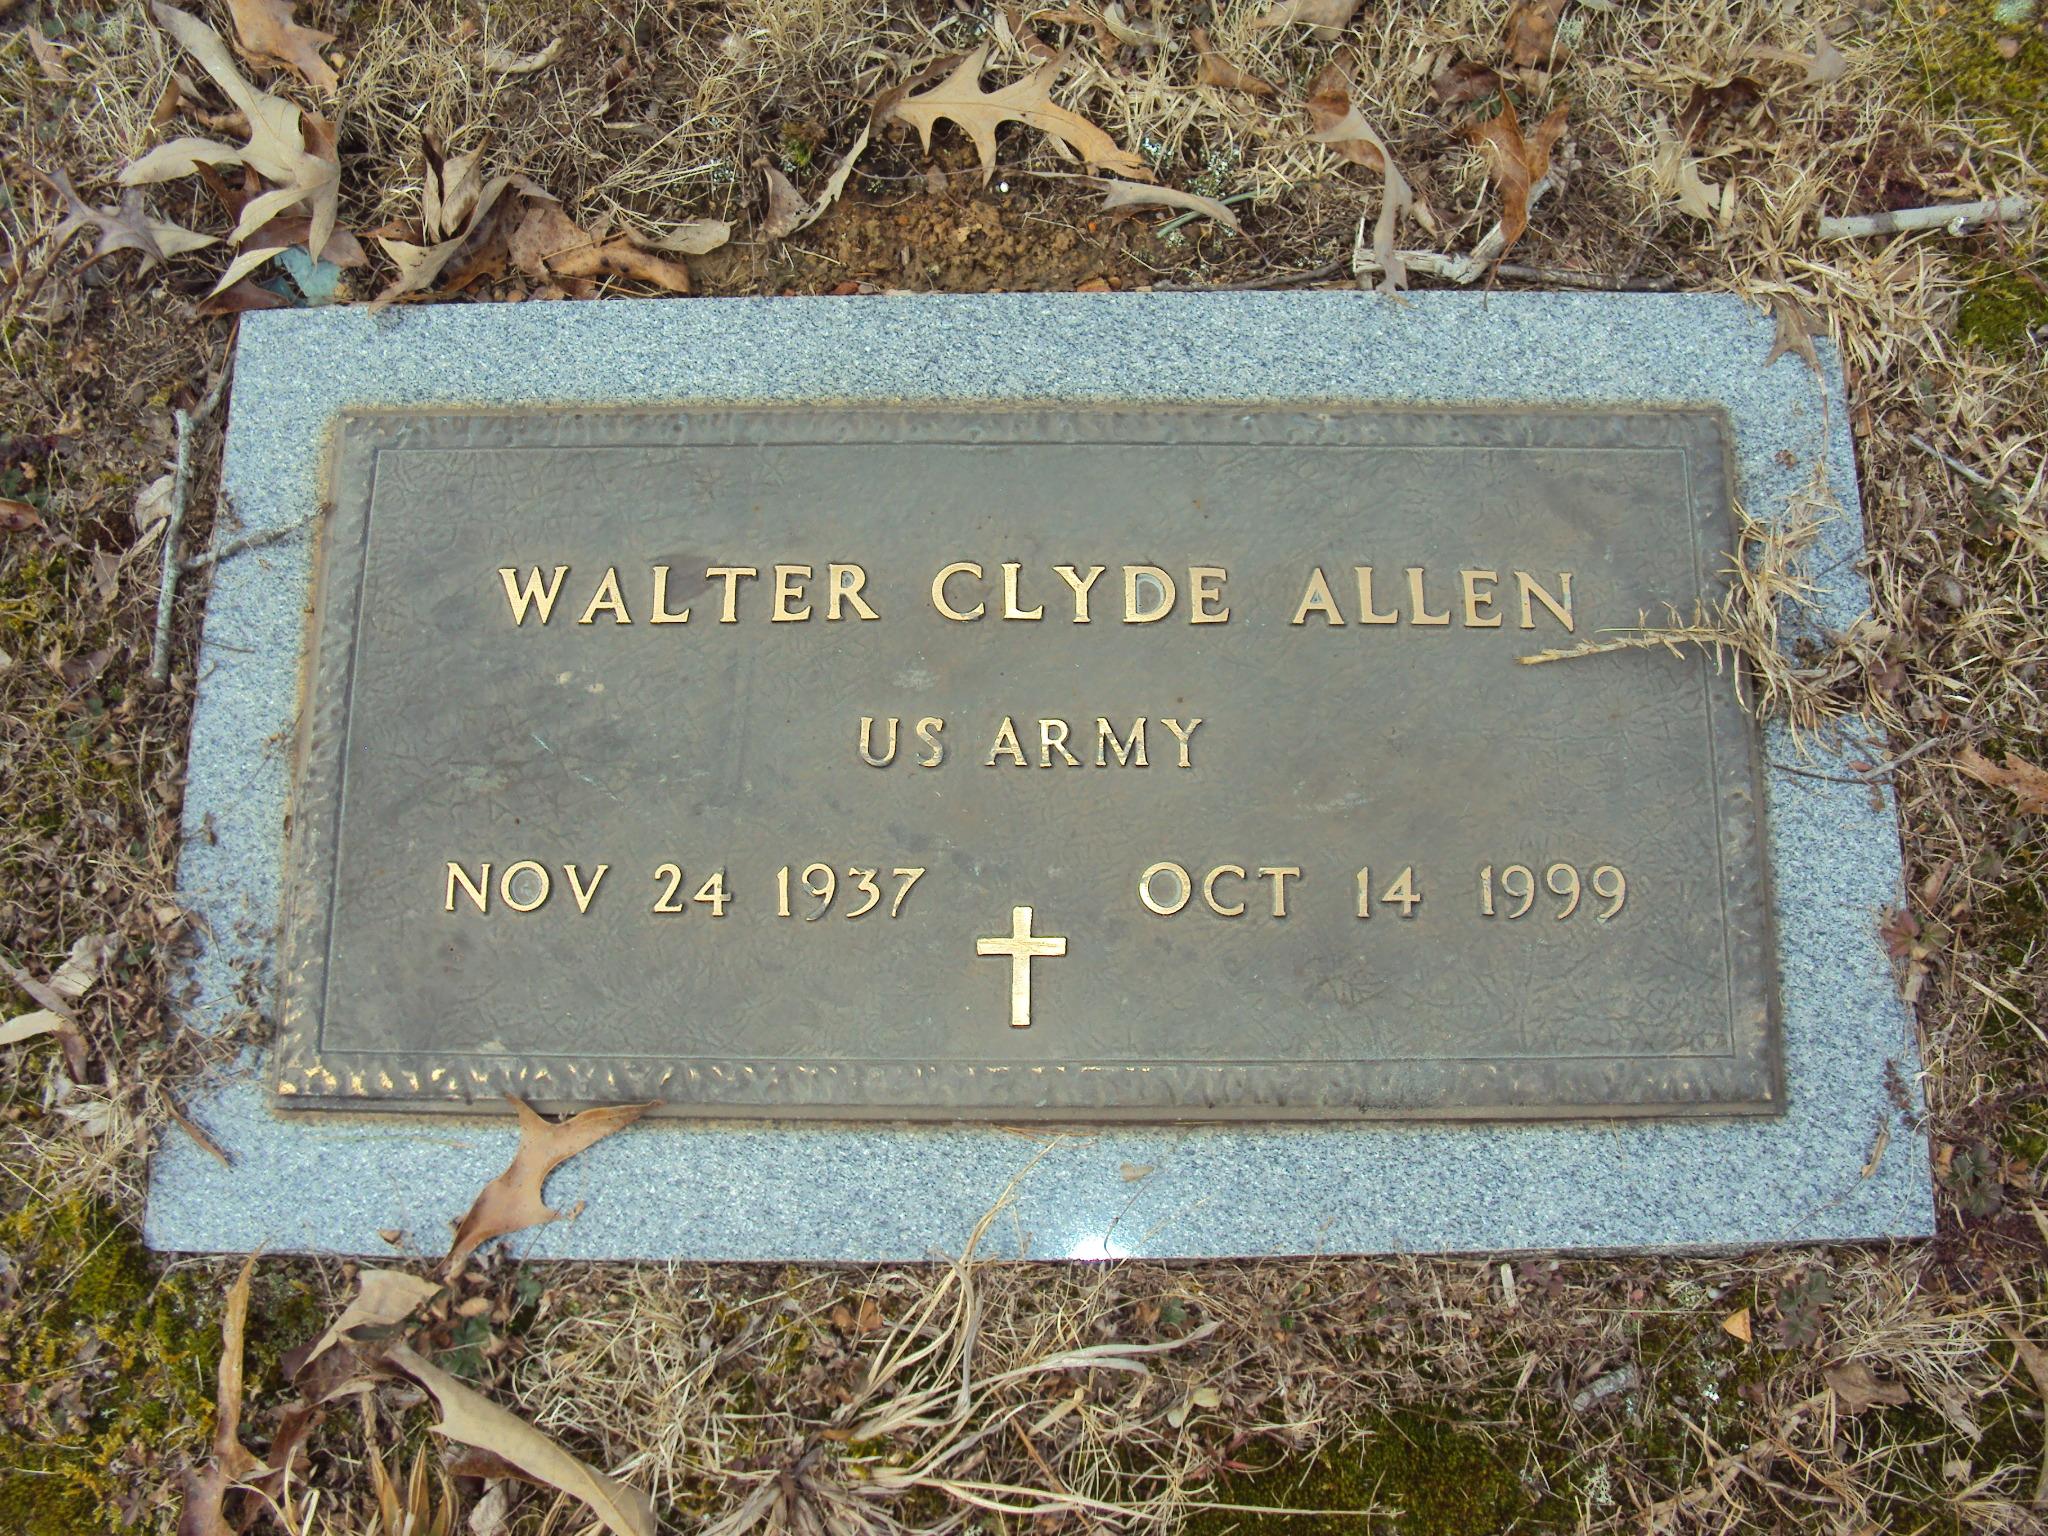 Walter Clyde Allen